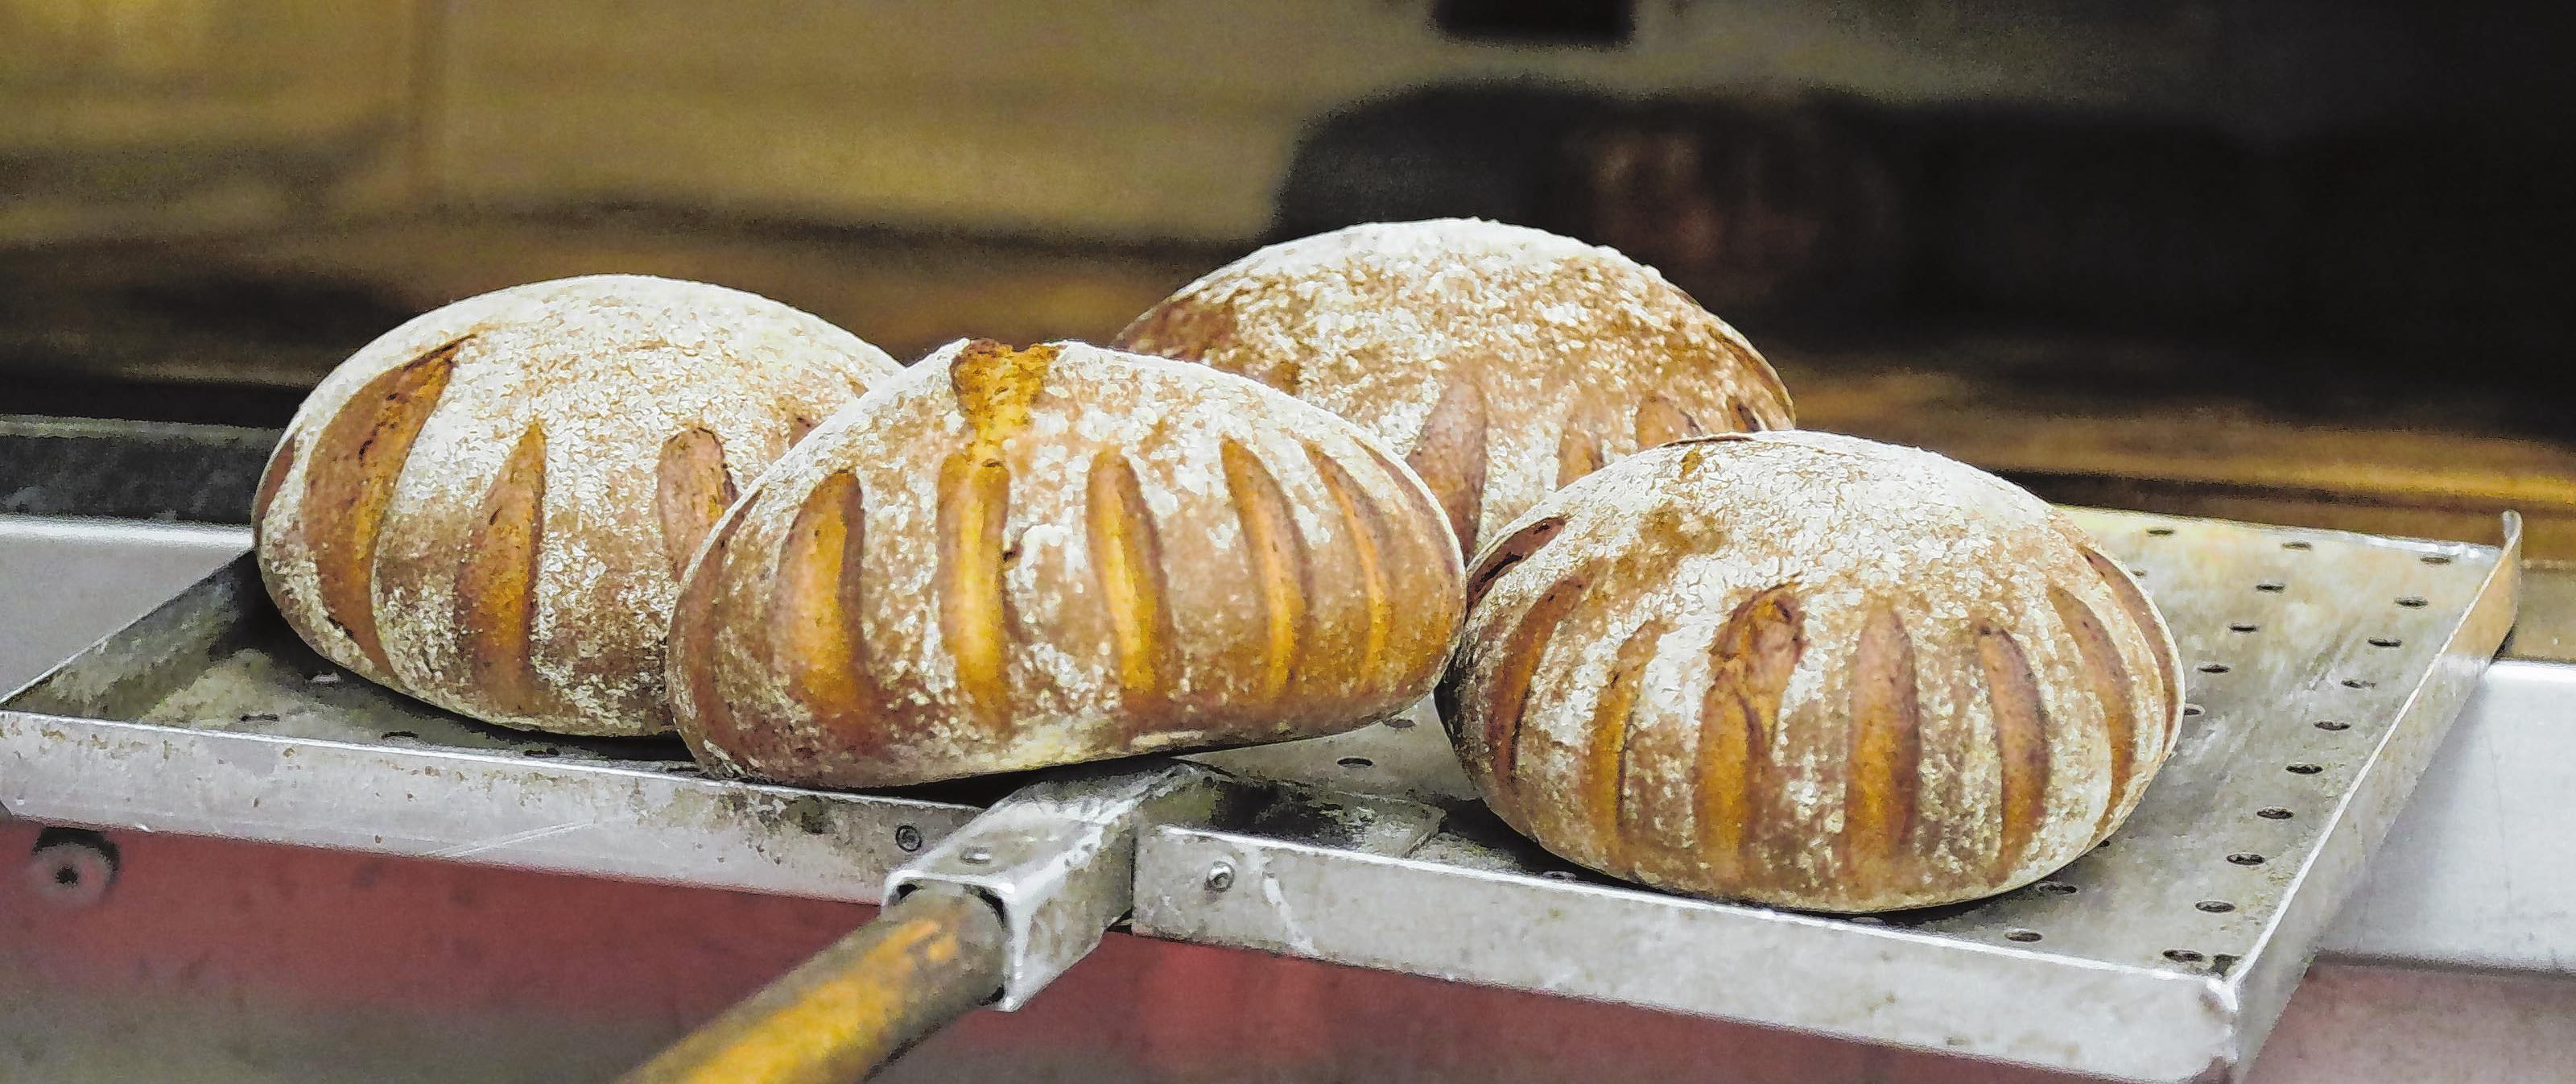 Fix und fertig: Das Roggen-Dinkel-Brot ist startklar für die Auslage.